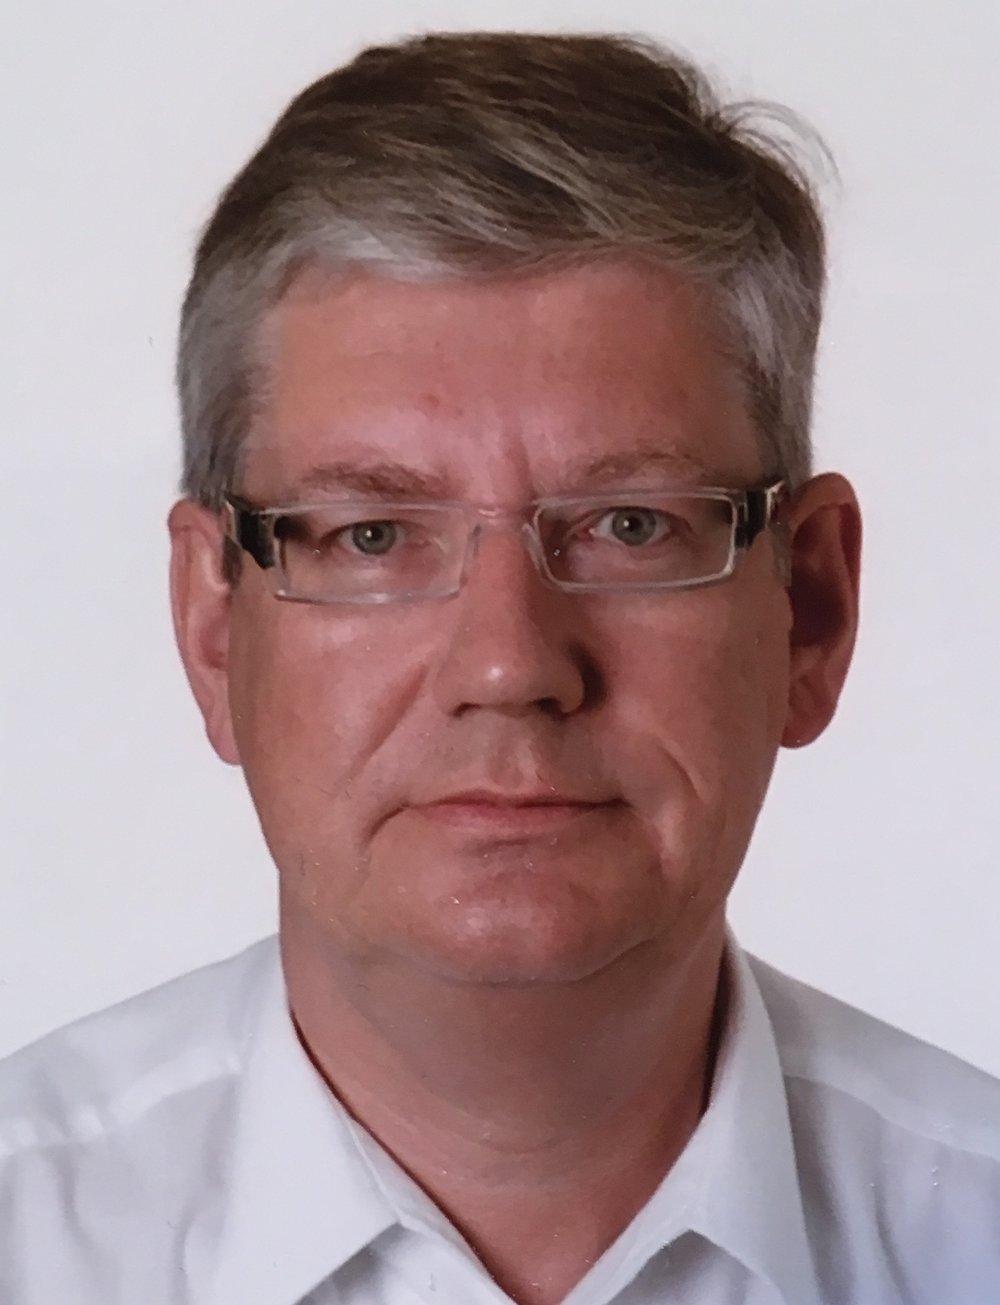 Dietmar Woelfert